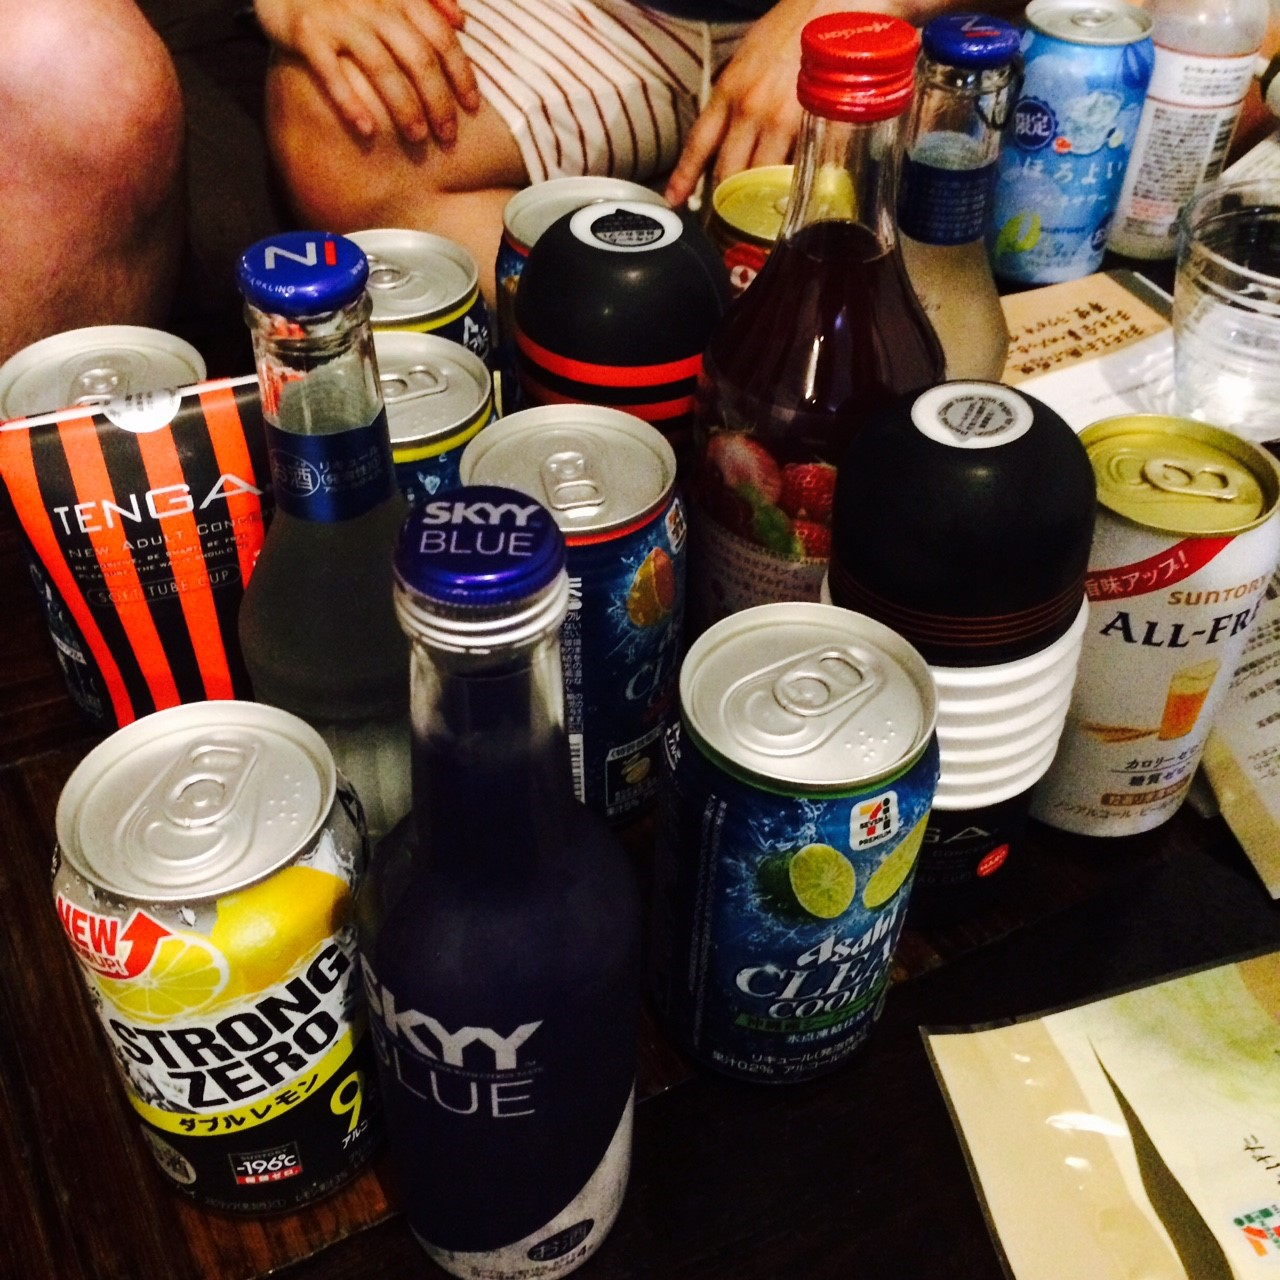 飲み物に紛れるTENGA